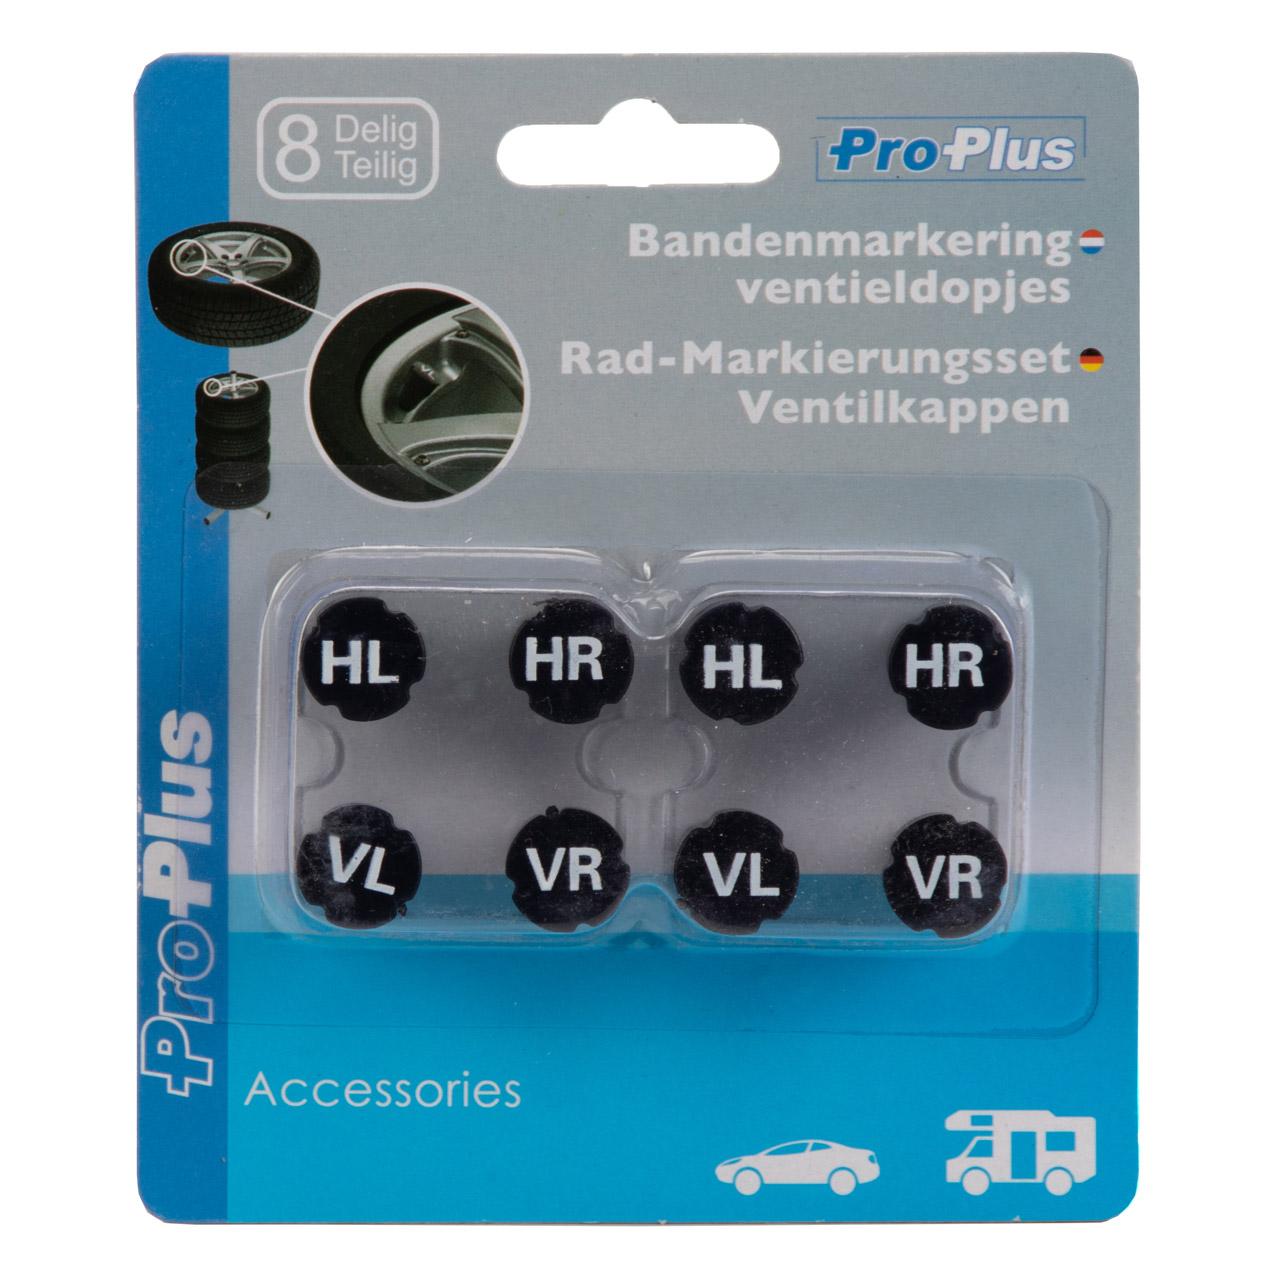 PROPLUS 390068 Rad-Markierungsset Ventilkappen Reifenmarkierung Marker 8-teilig